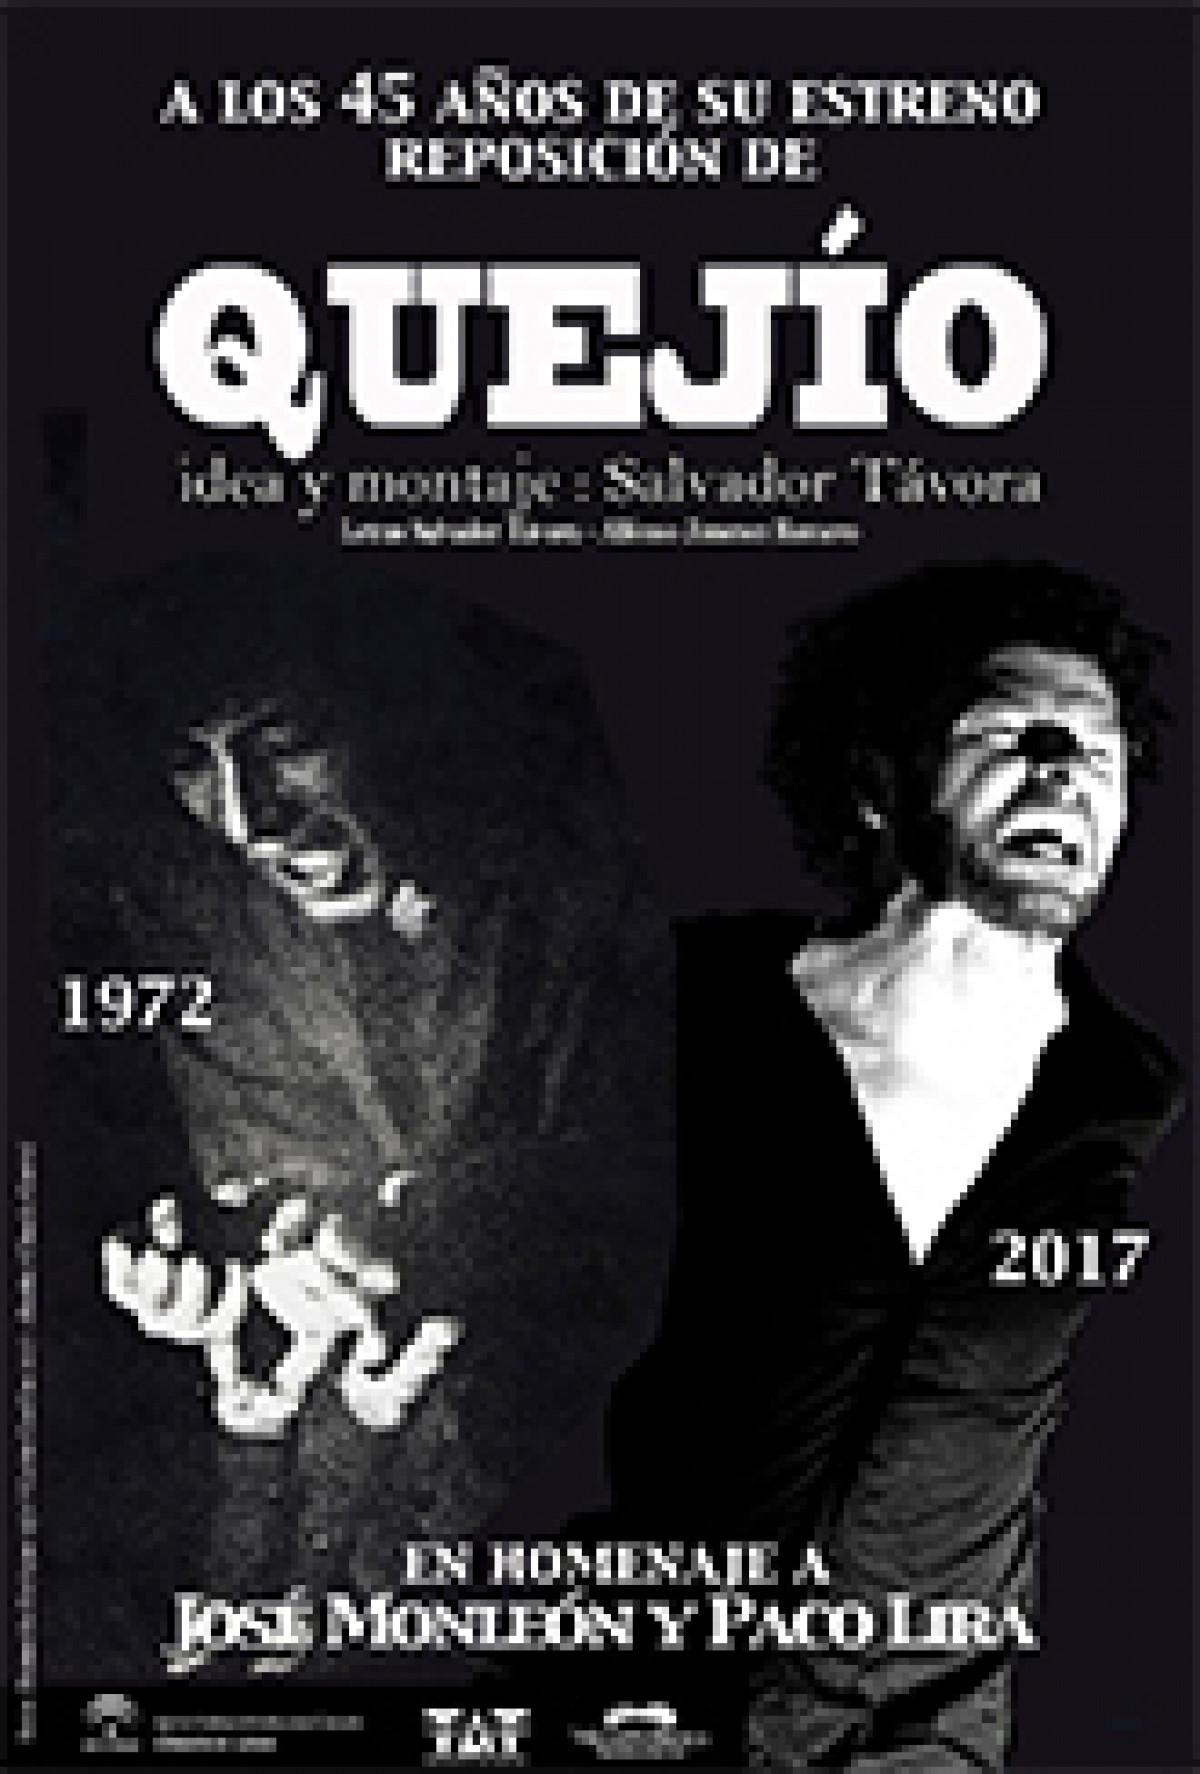 Queju00edo